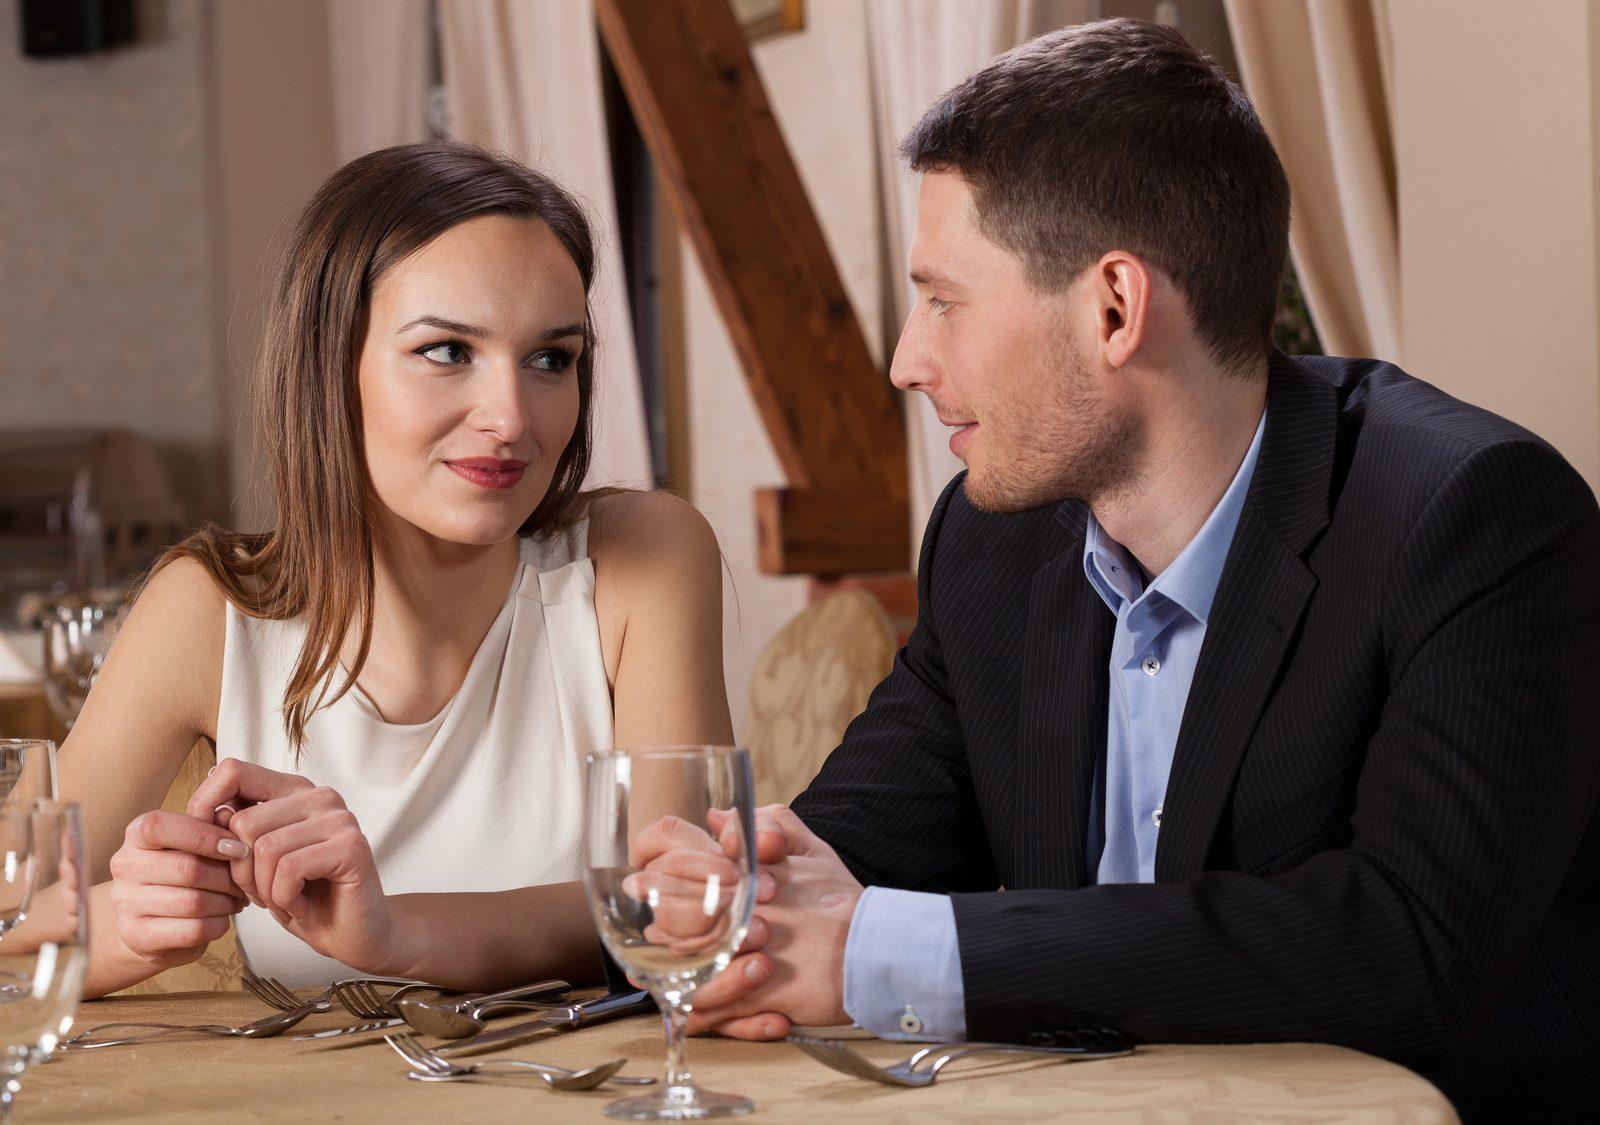 「コンサルな男」の傾向と対策って?40代女性の恋愛攻略法